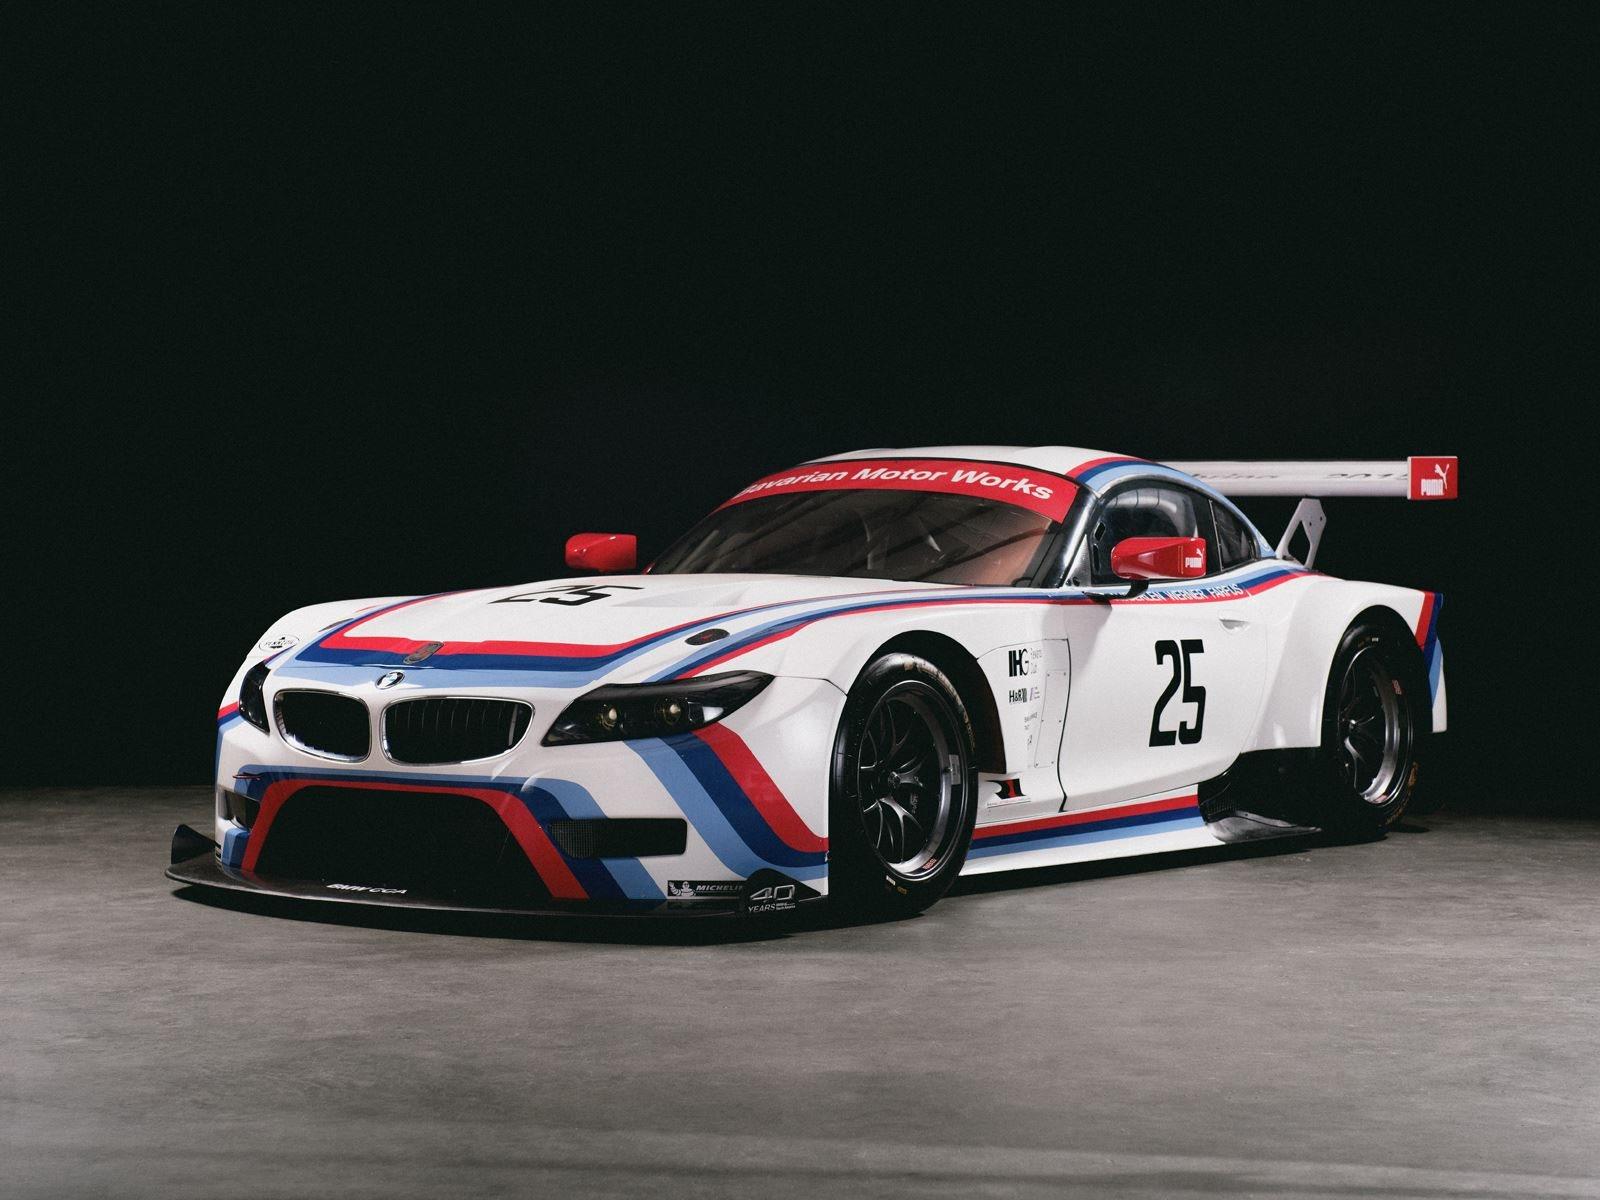 Совсем скоро выставка откроется для широкой публики, наряду со второй уникальной выставкой под названием «The Icon: 50 Years of 2002» в честь легендарного BMW 2002. «Выставка «Герои Баварии» демонстрирует заслуживающие внимания гоночные автомобили BM